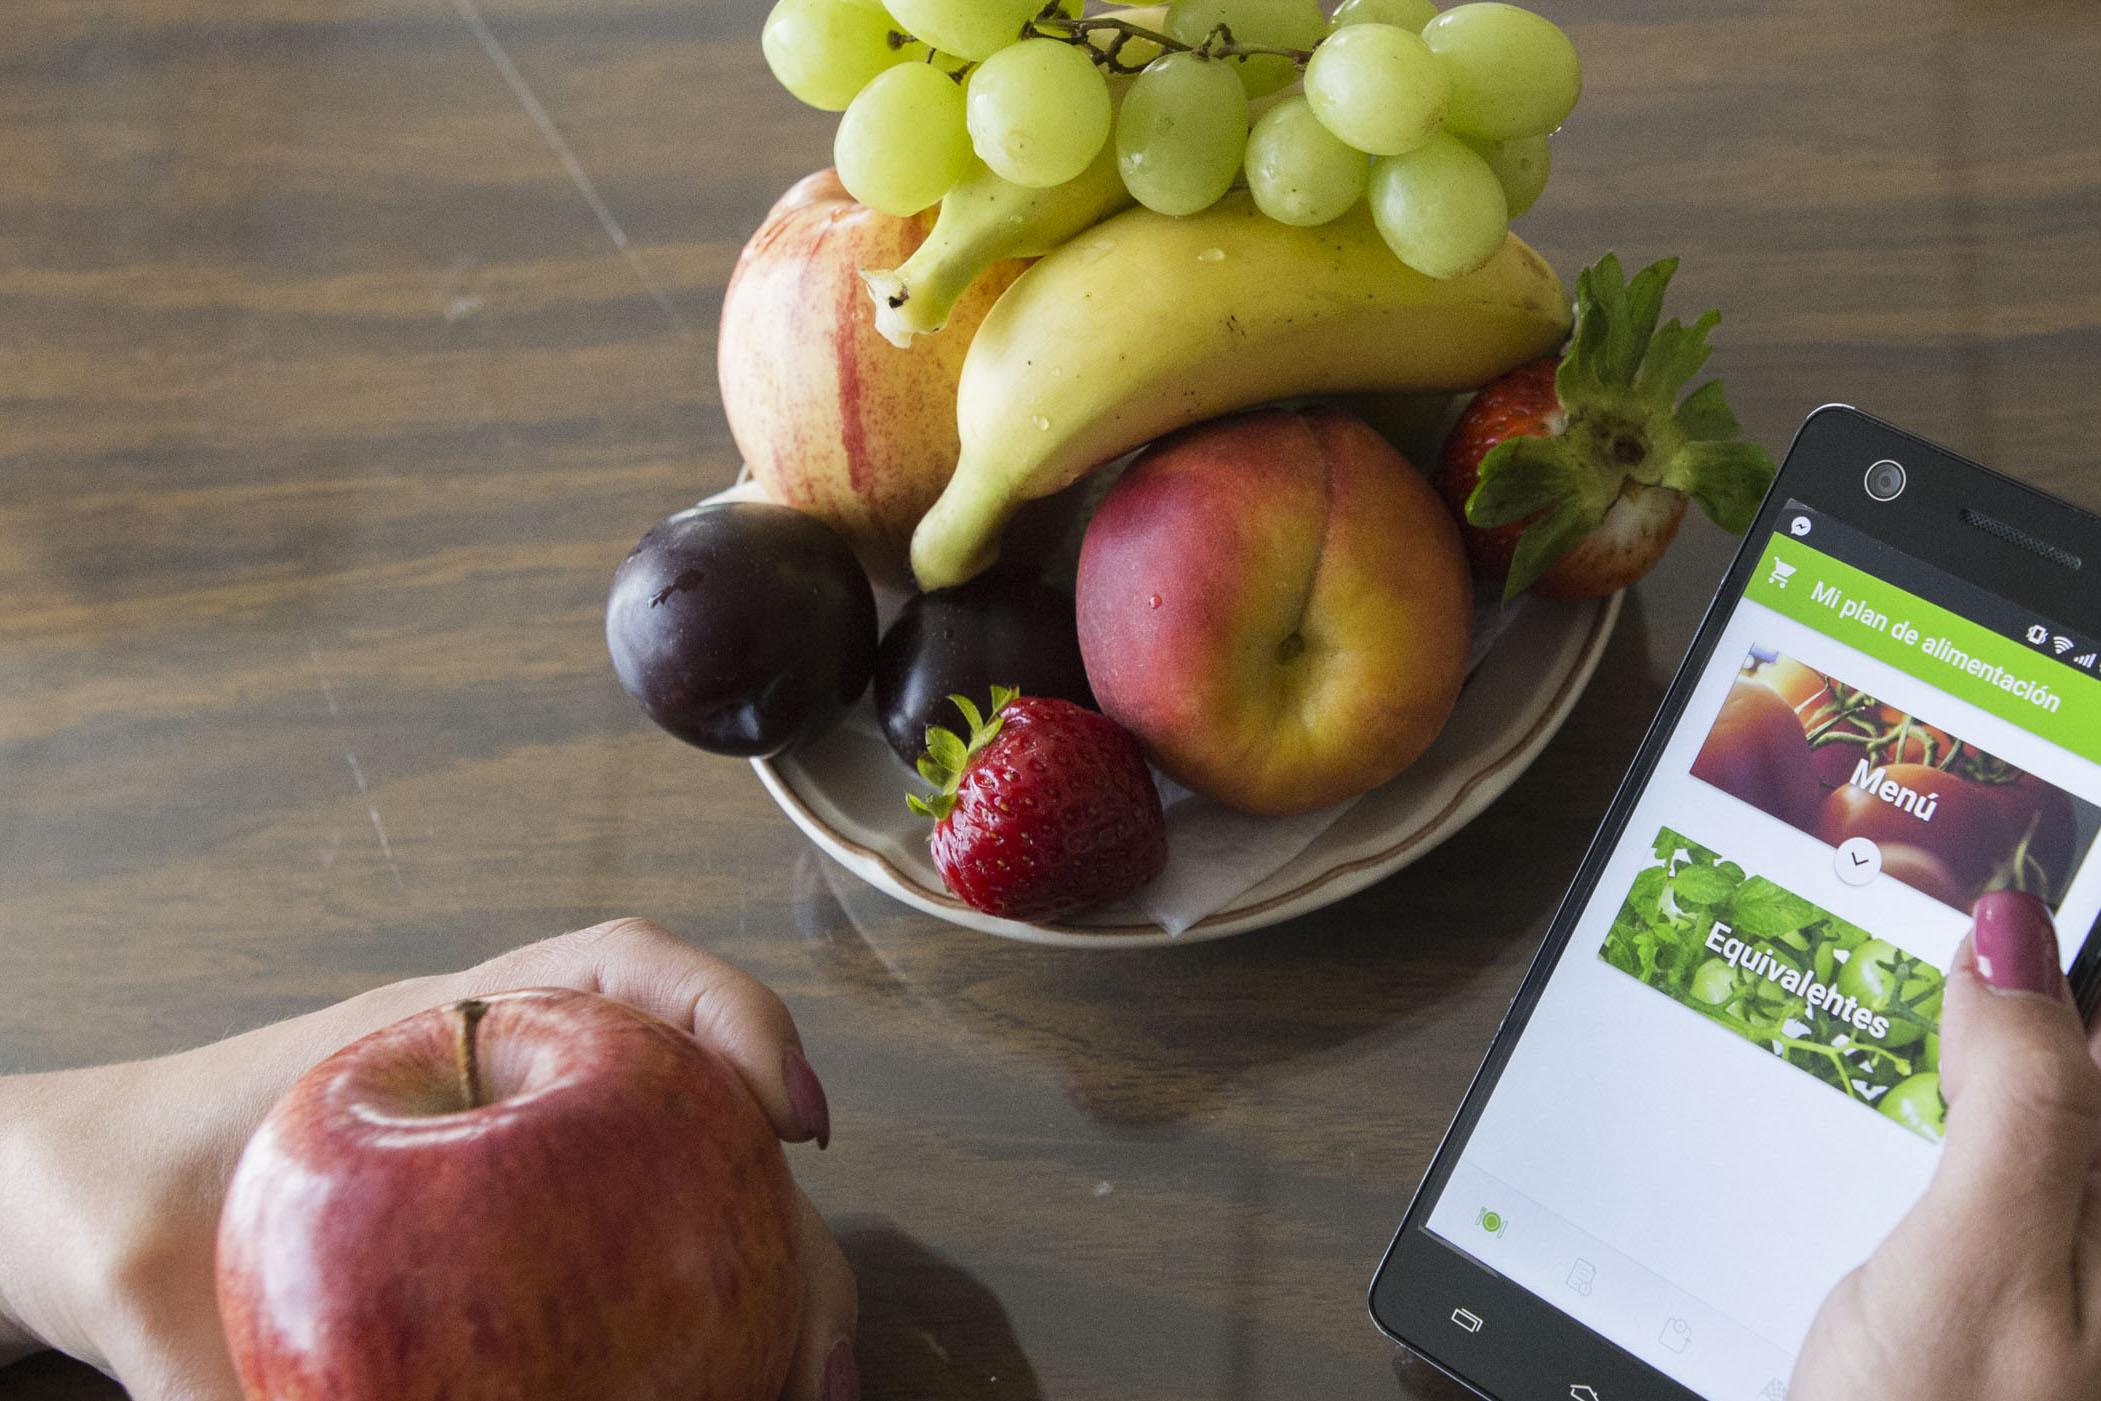 Frutas dispuestas en un plato al lado de un celular en la mano de una mujer en una página que dice menú